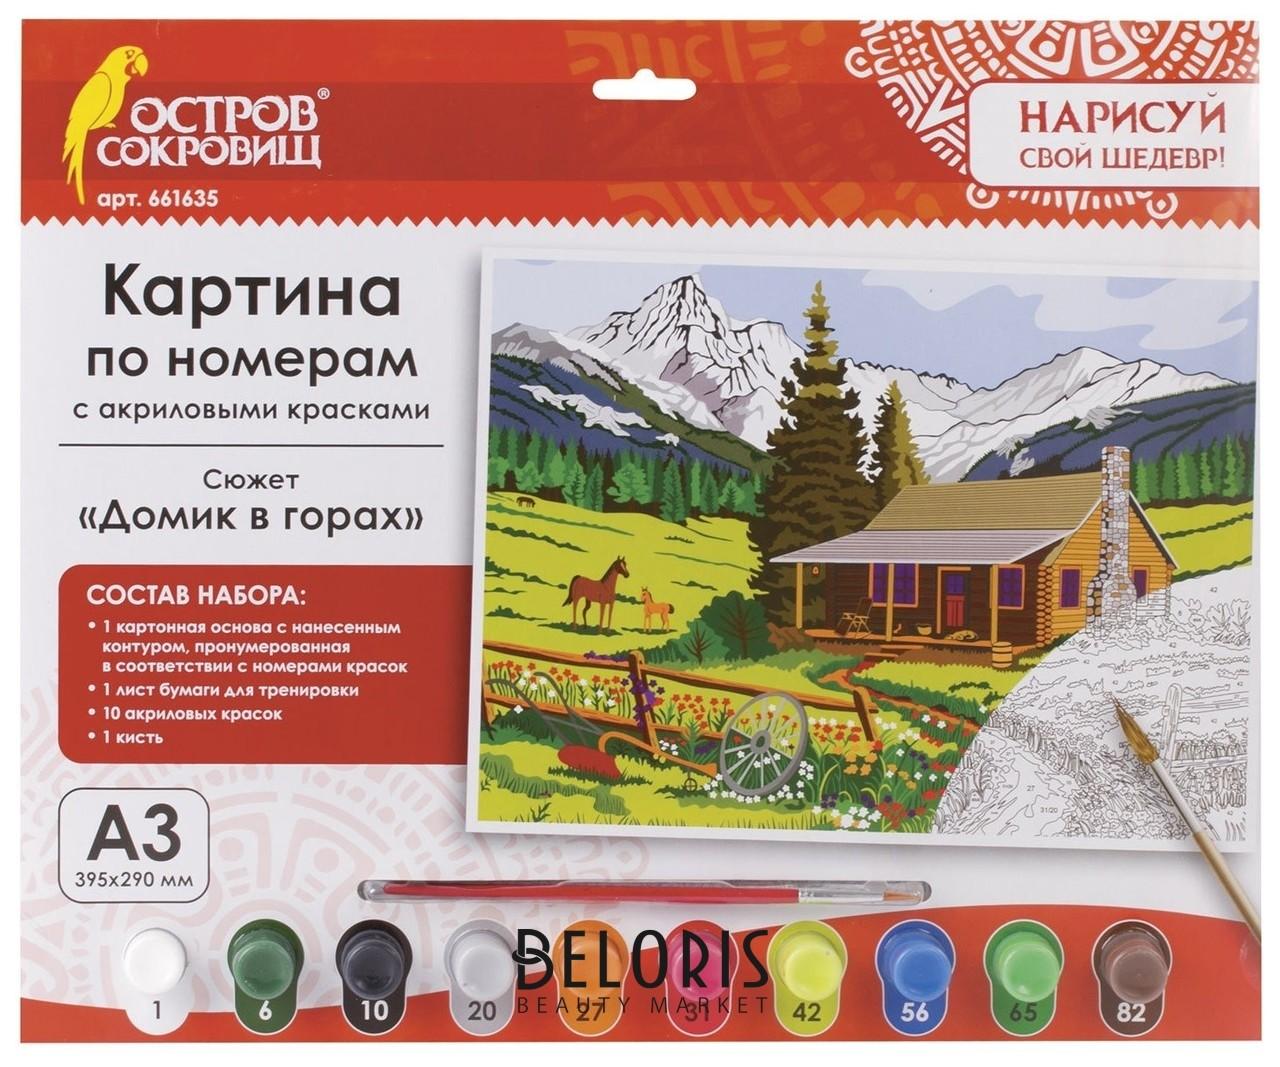 Картина по номерам Домик в горах А3 с акриловыми красками Остров сокровищ